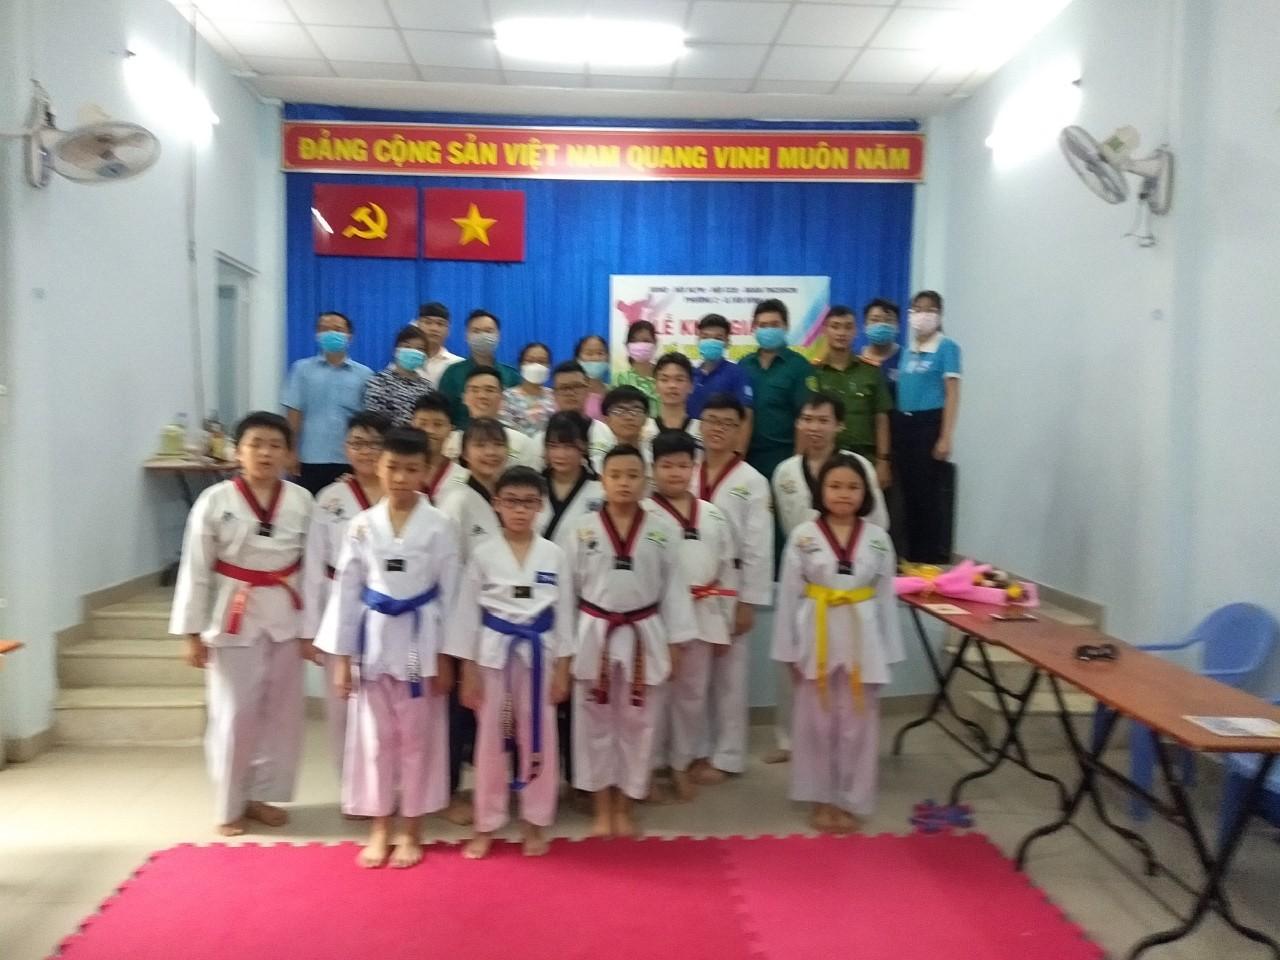 Phường 2: Tổ chức ra mắt Câu lạc bộ ``Taekwondo phong trào``